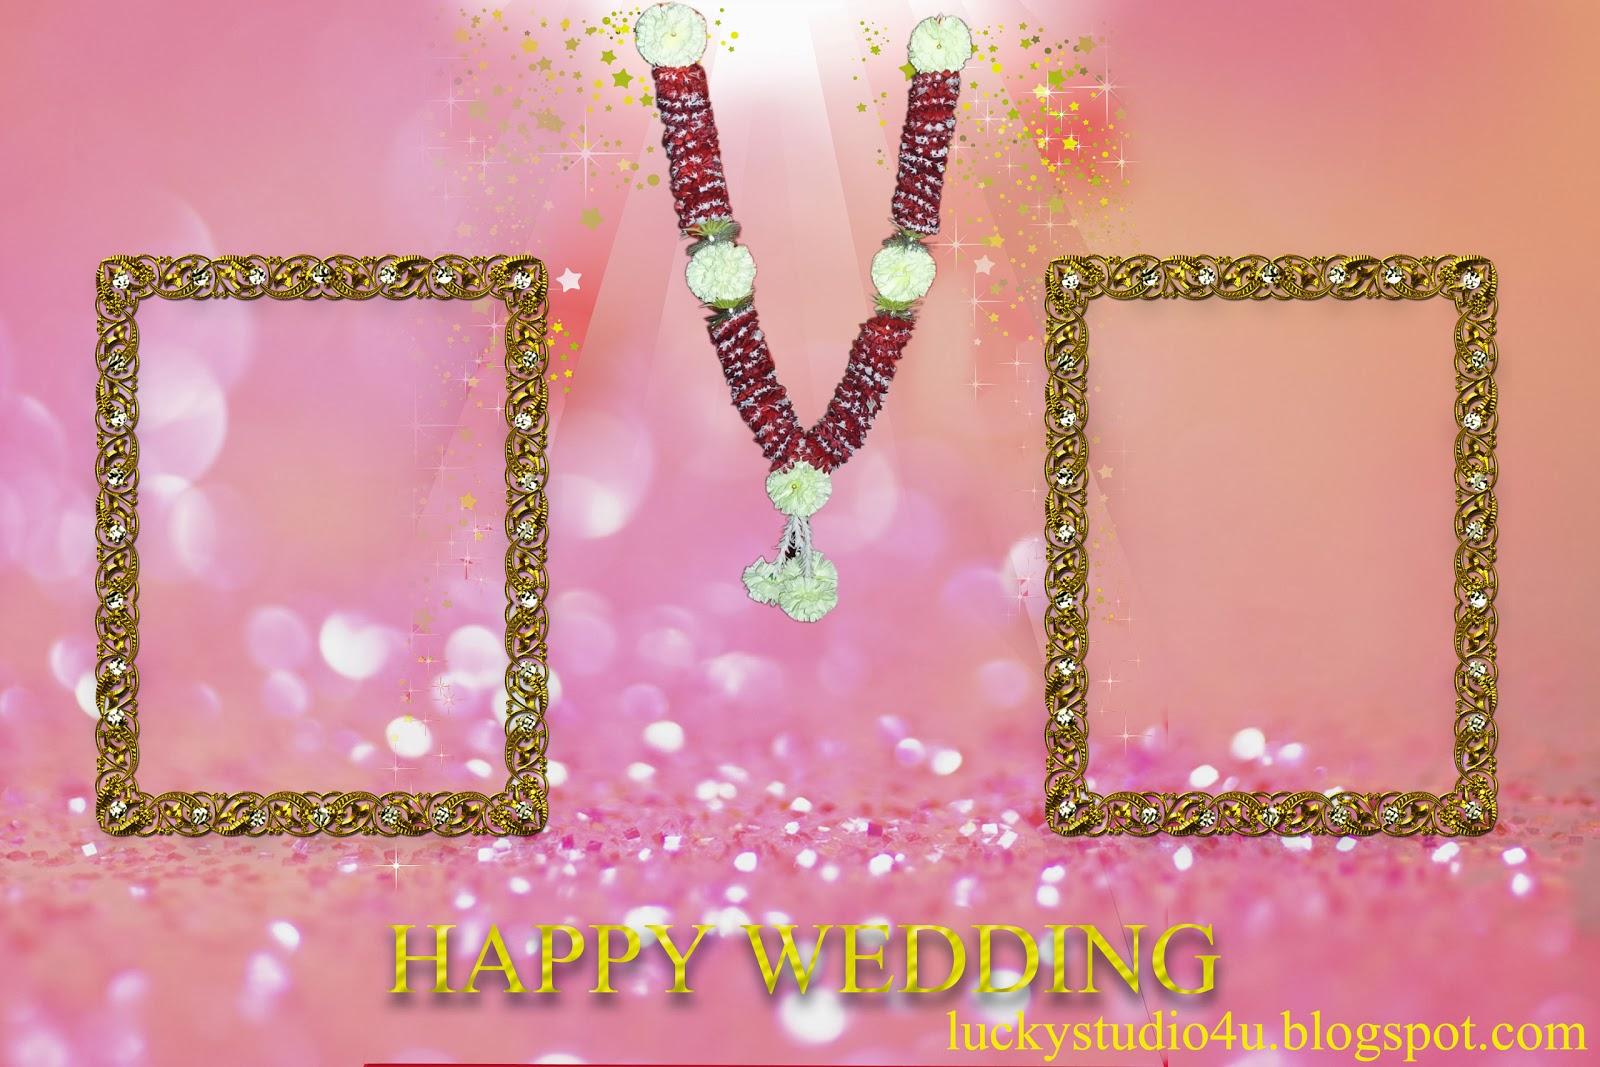 17 Psd Wedding Album Design Images Free Wedding Album Psd Templates Best Wedding Album Layout And Wedding Album Design Psd Free Download Newdesignfile Com